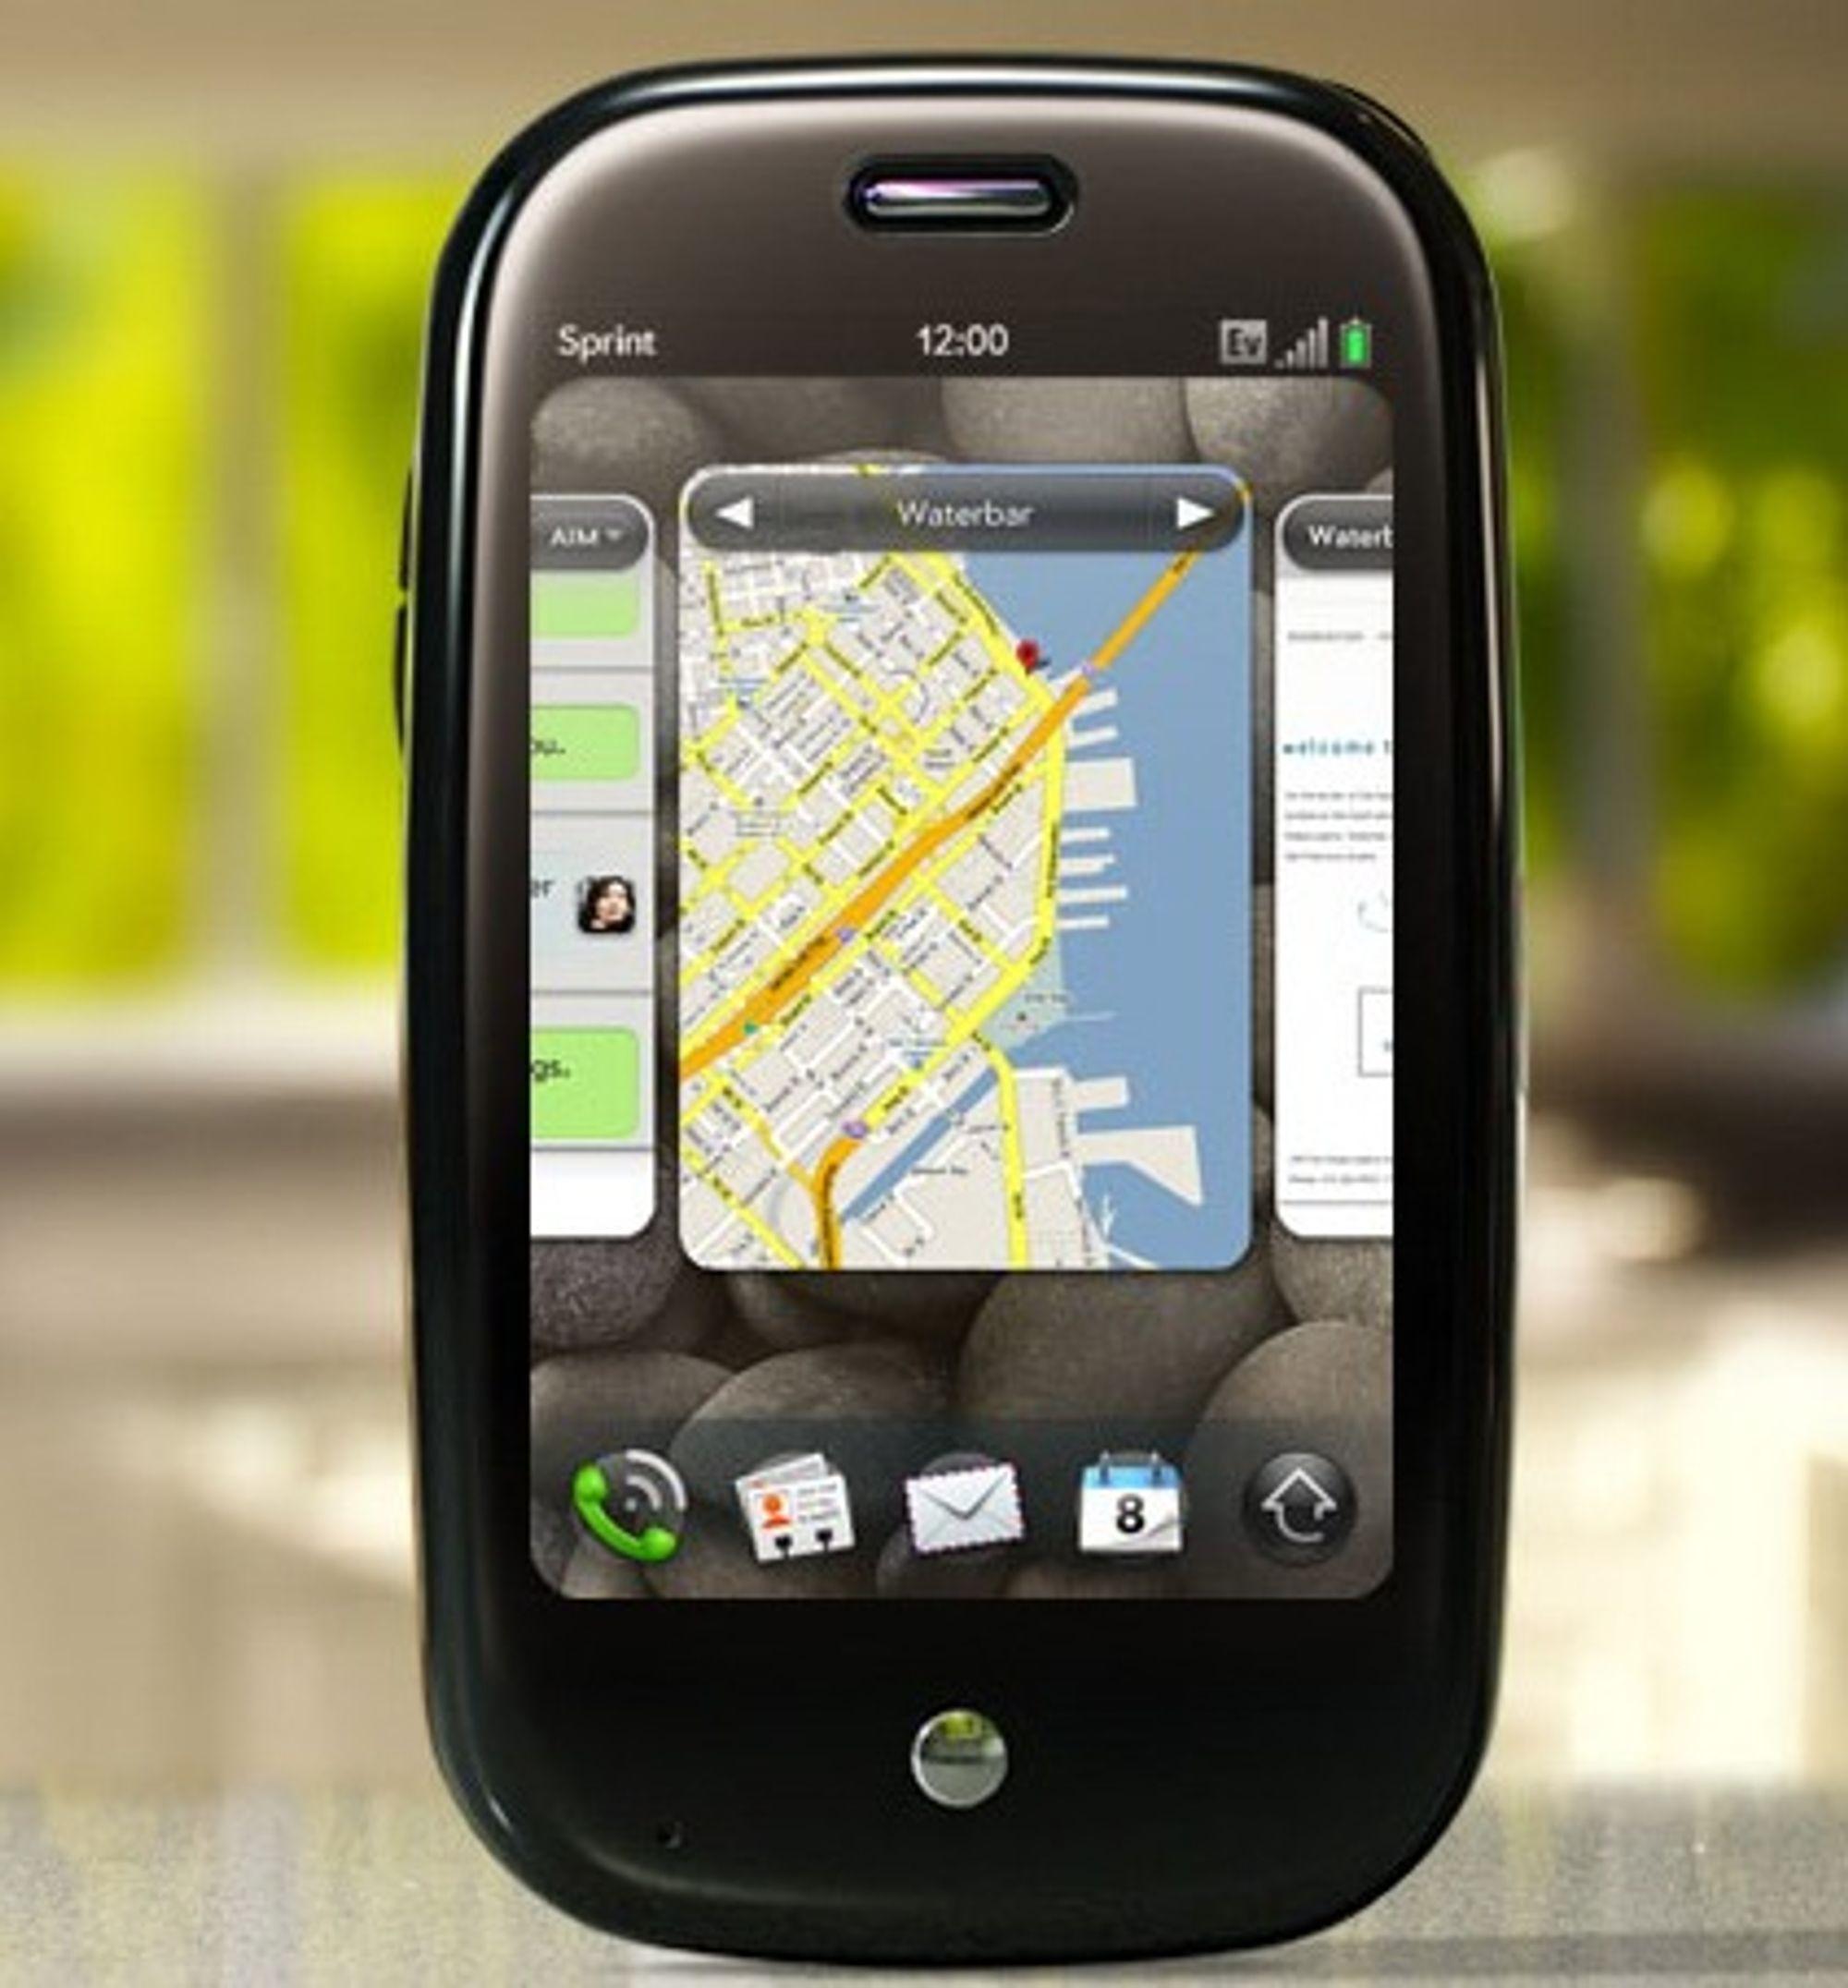 Palm Pre viser flere applikasjoner side ved side